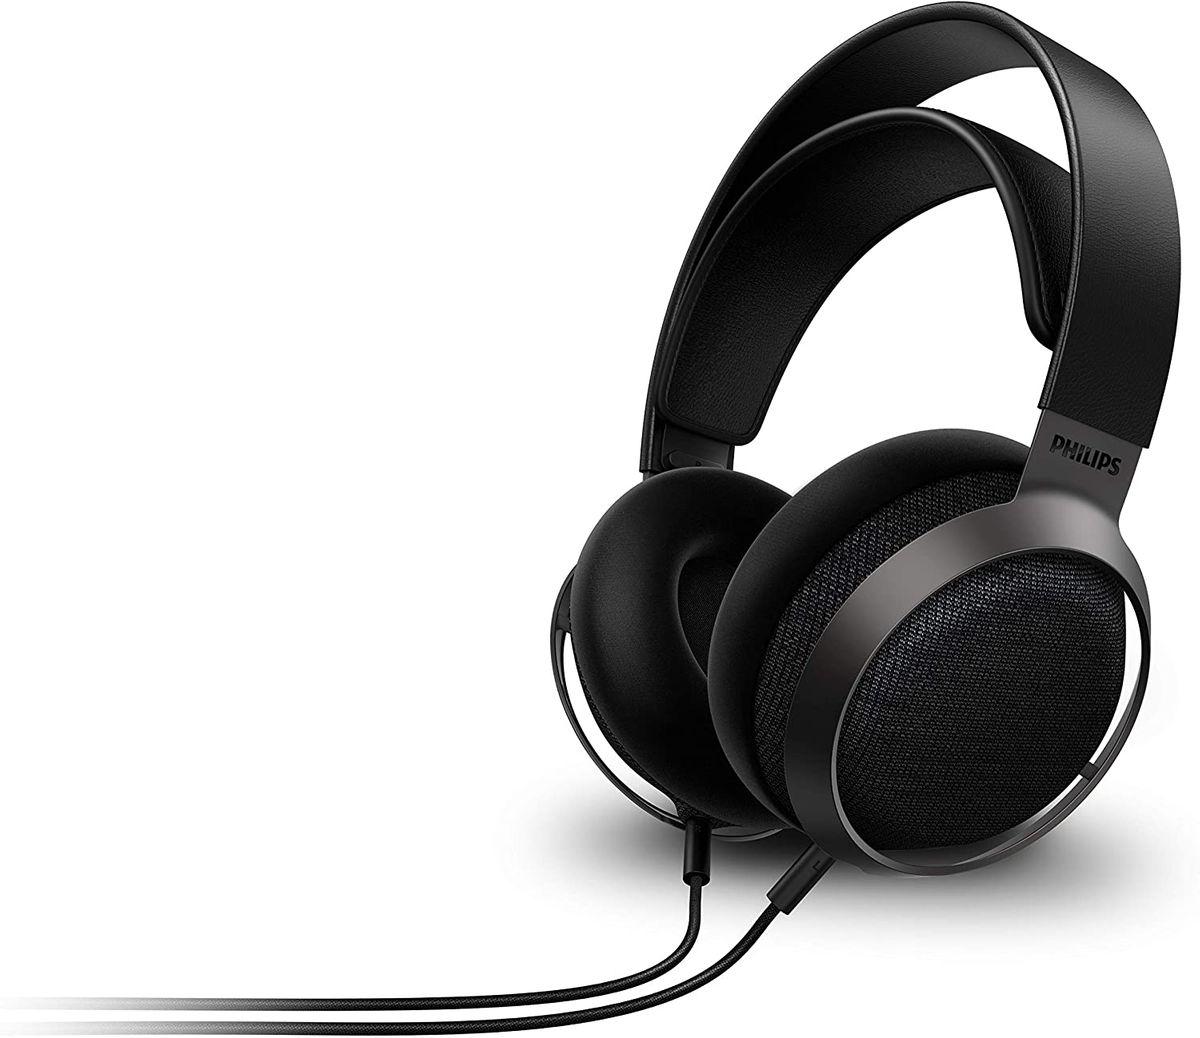 Philips Fidelio X3/00 Over Ear Kopfhörer Offen mit Kabel 3-m abnehmbar Offenes Design, 50-mm-Akustik-Treiber